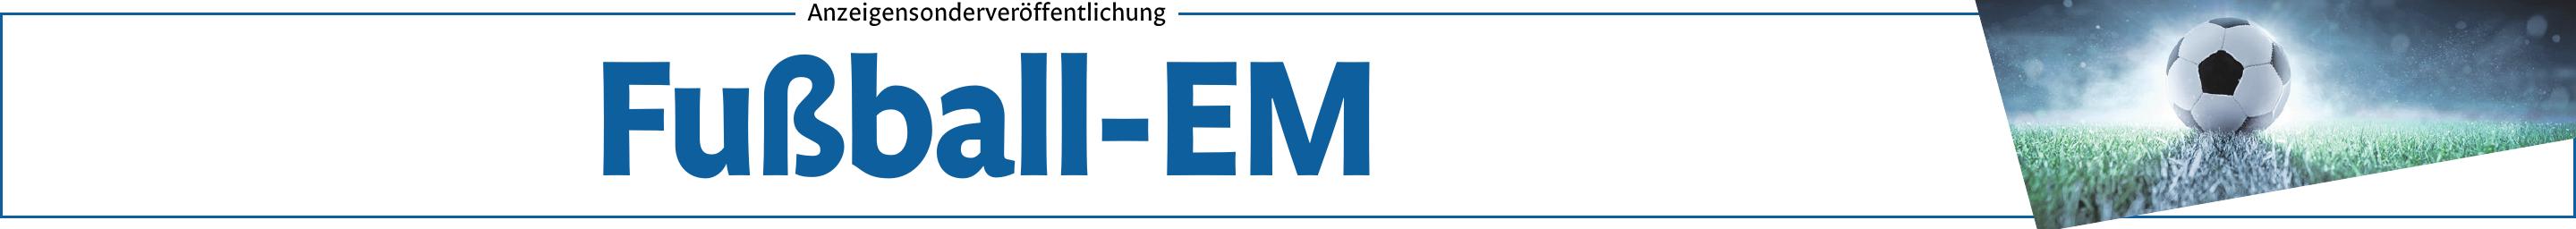 Fußball-EM Image 1